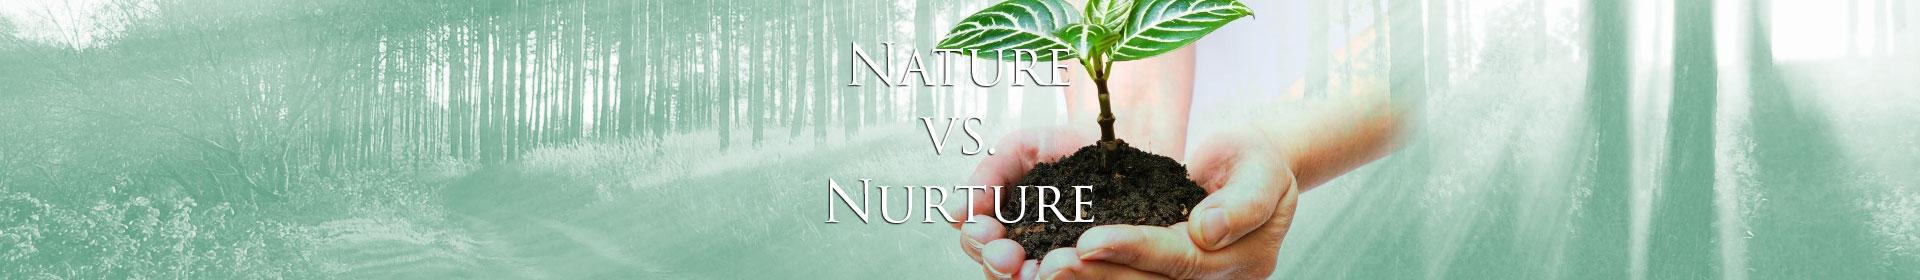 Nature-vs-Nurture